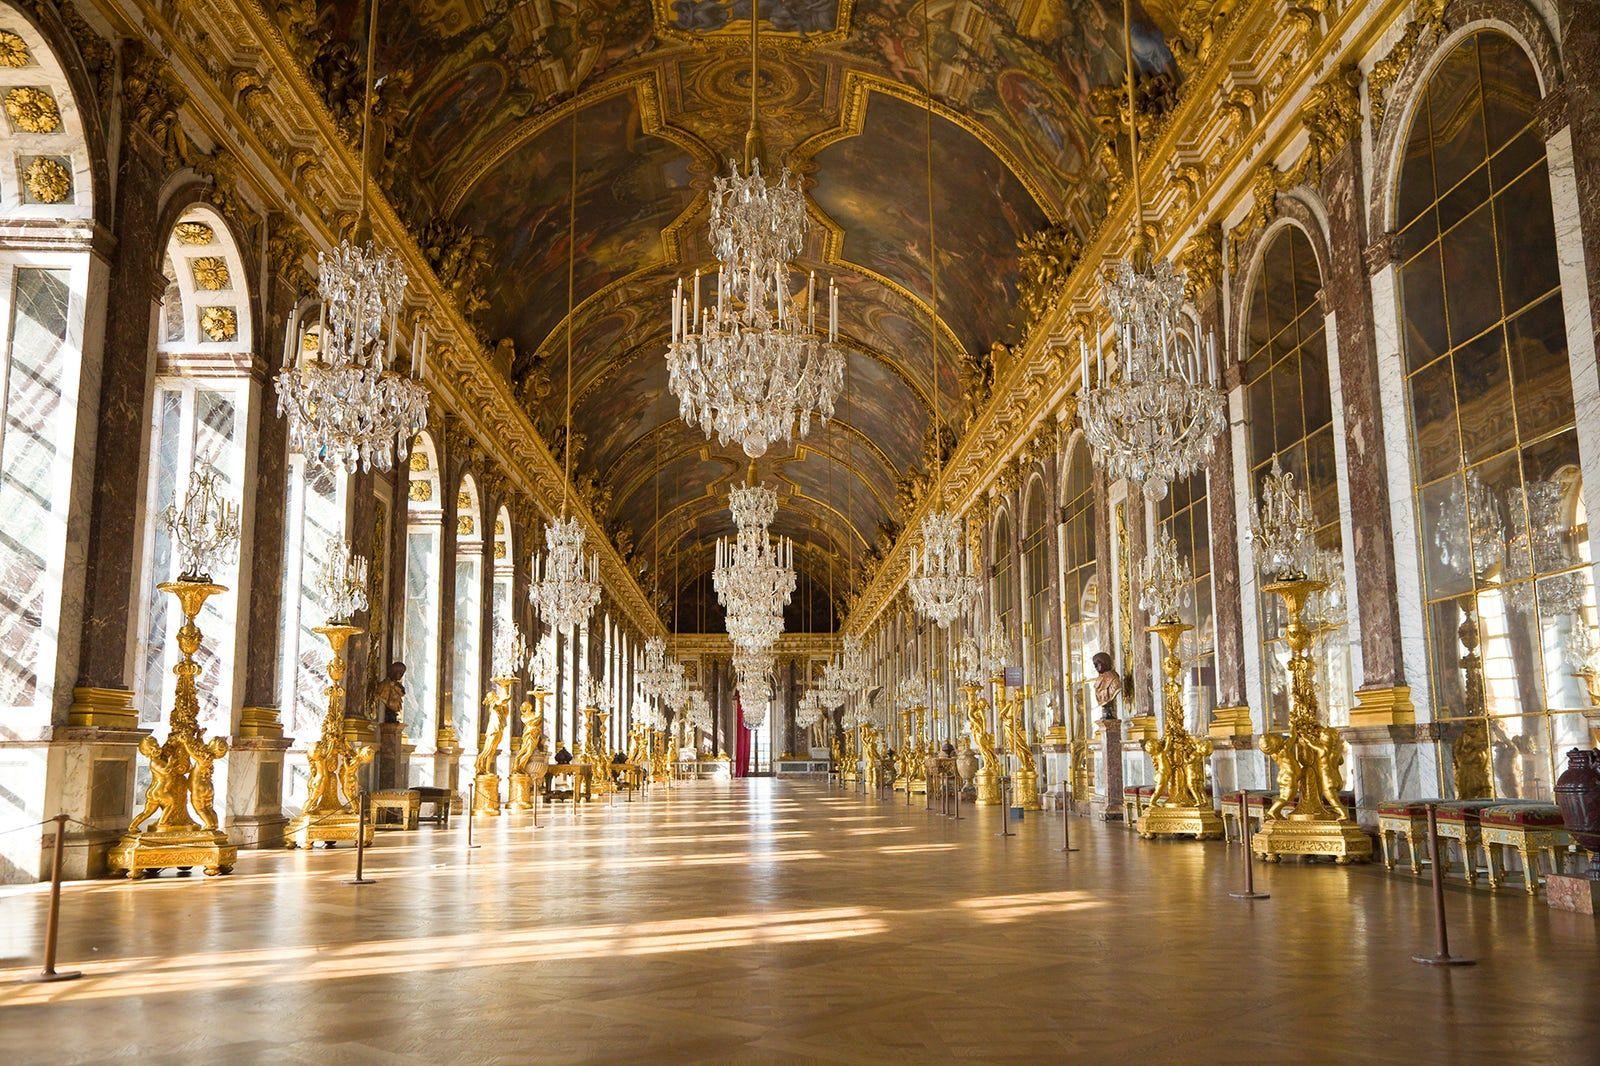 Sala de los espejos, del Palacio de Versalles en Paris - Francia ...